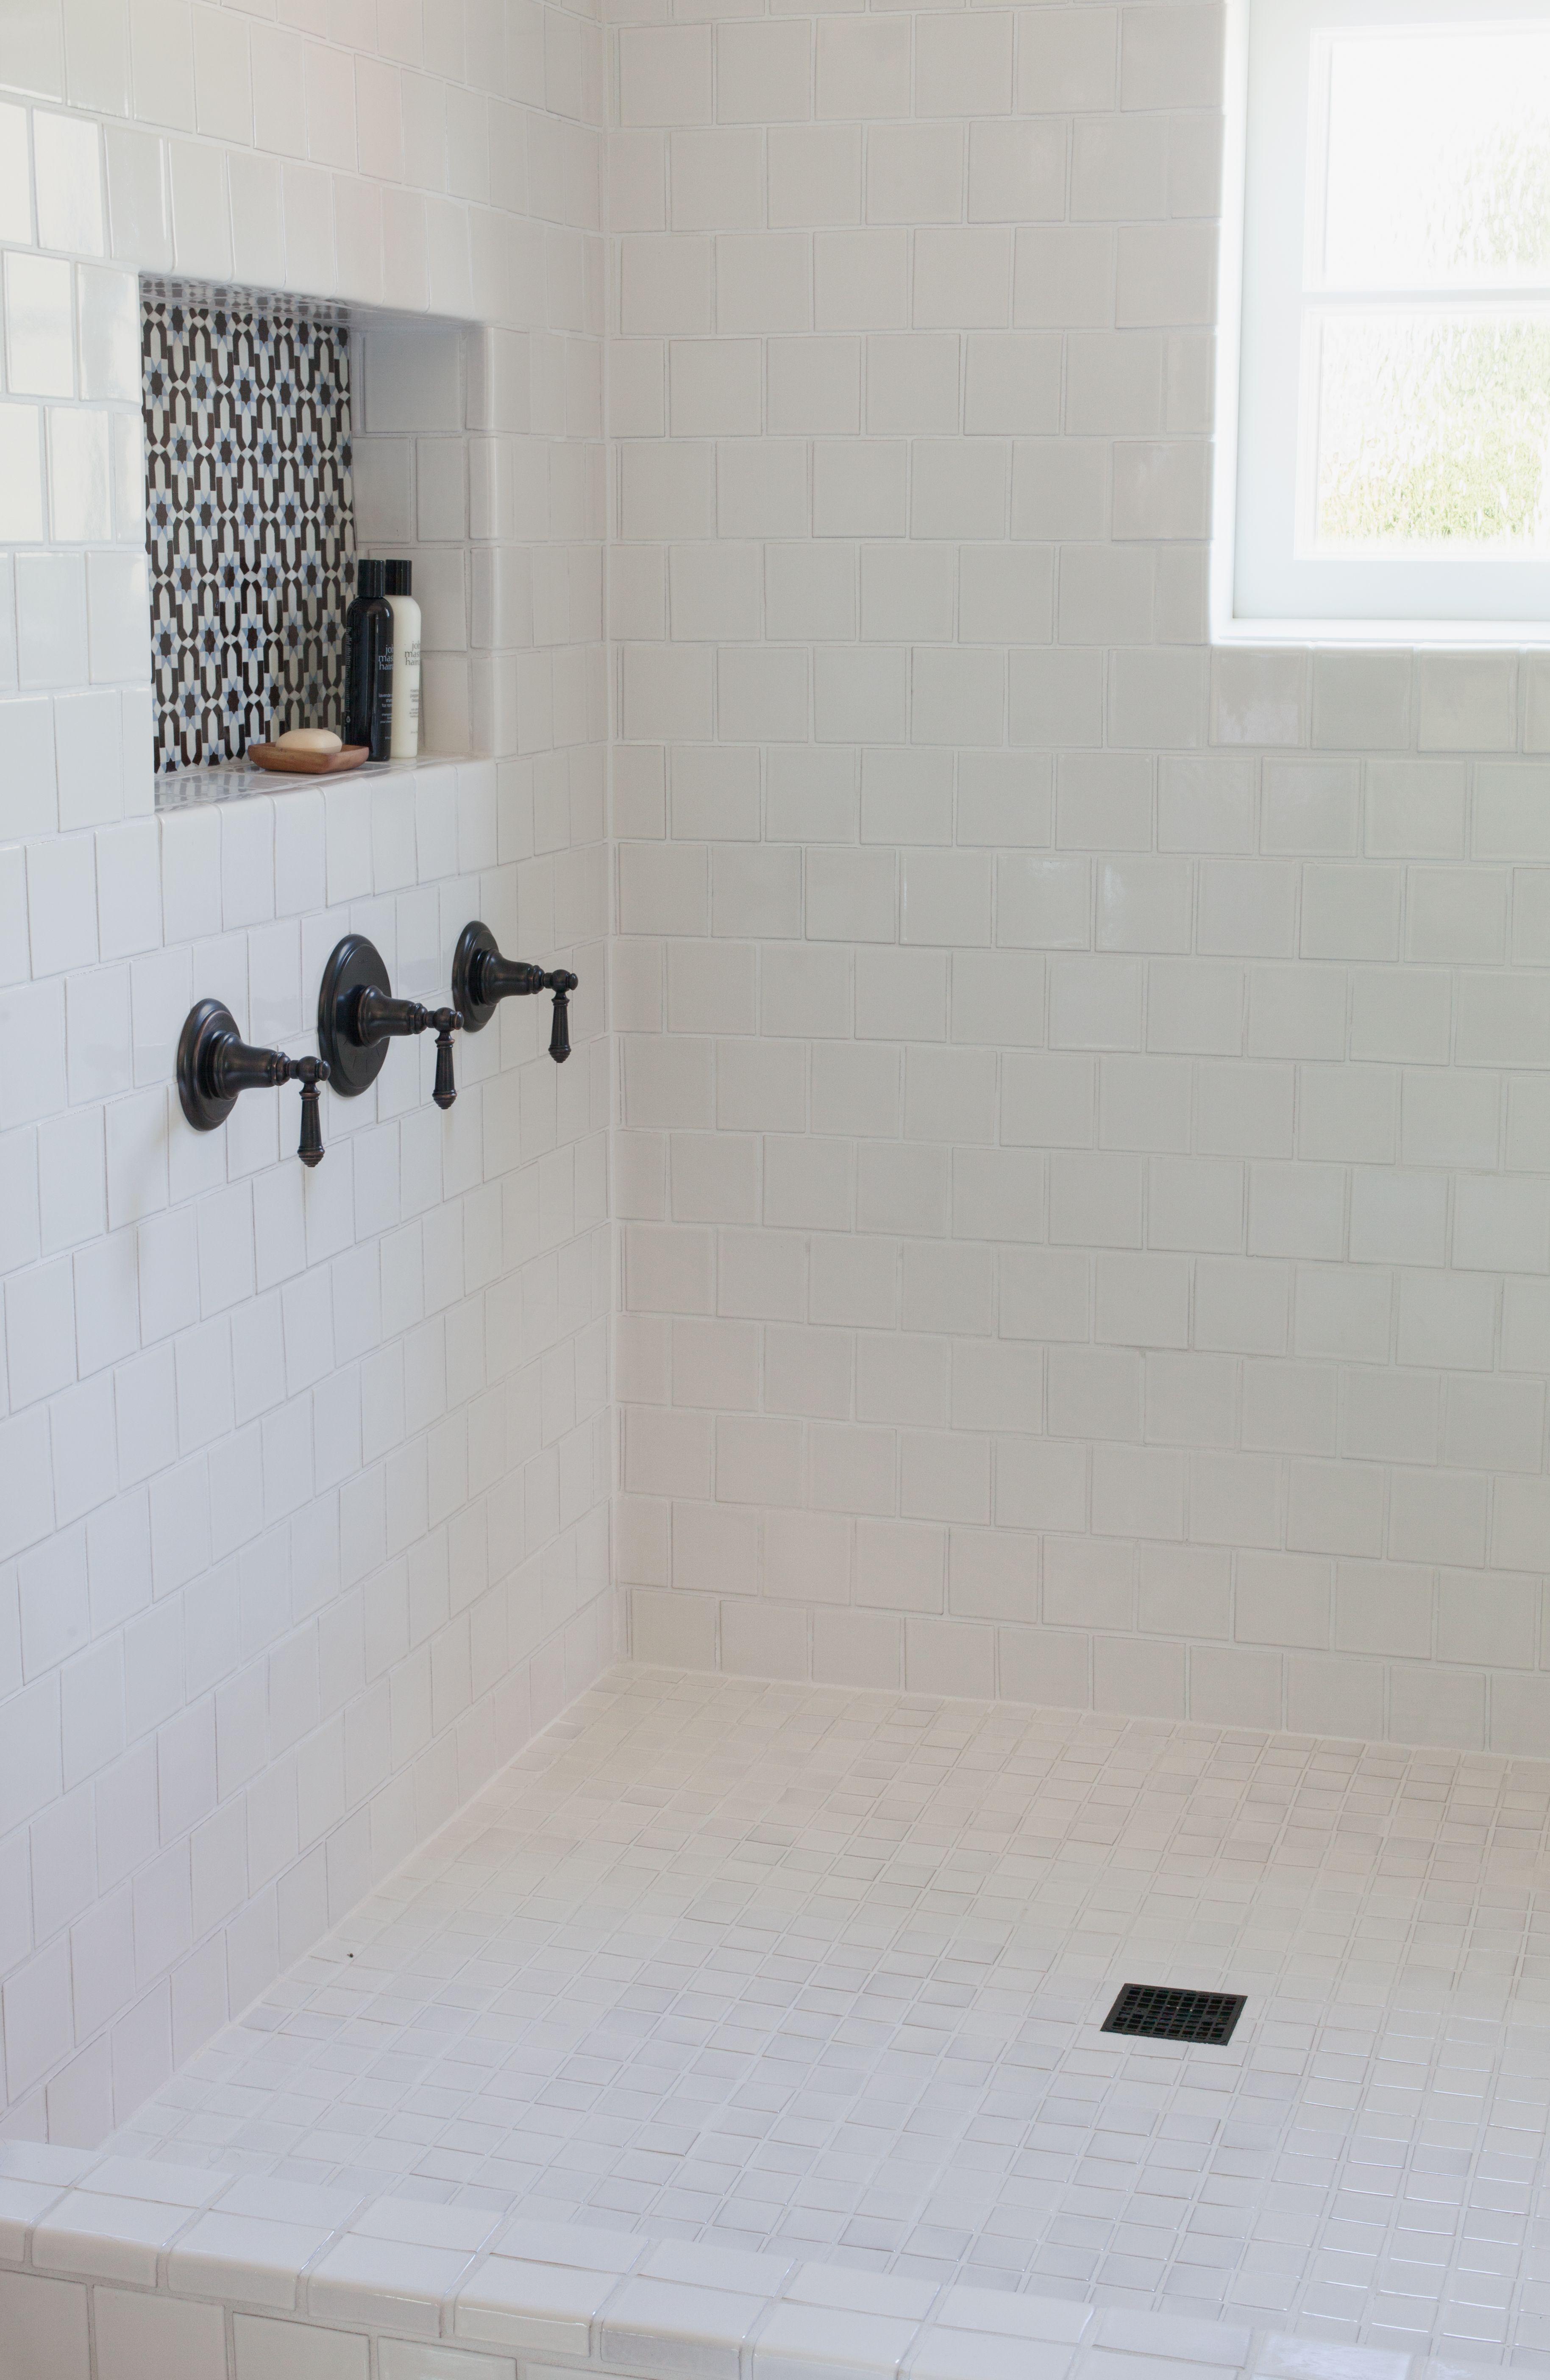 5 Tile Trends For 2016 Shower Shelves Bathroom Flooring Small